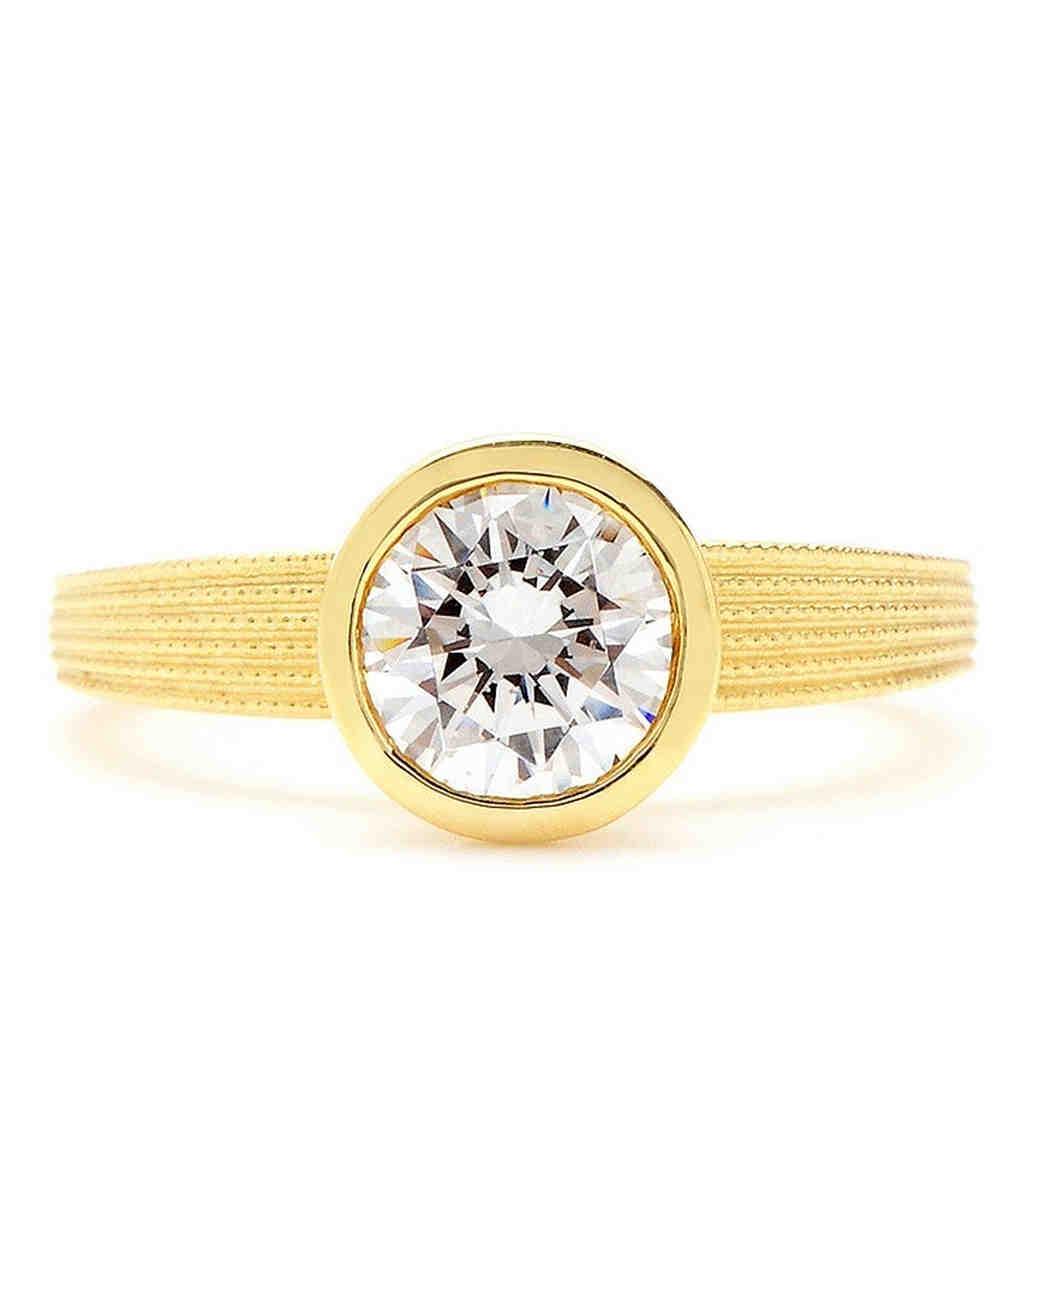 Sholdt Bezel-Set Engagement Ring Setting with Fern Finish Band